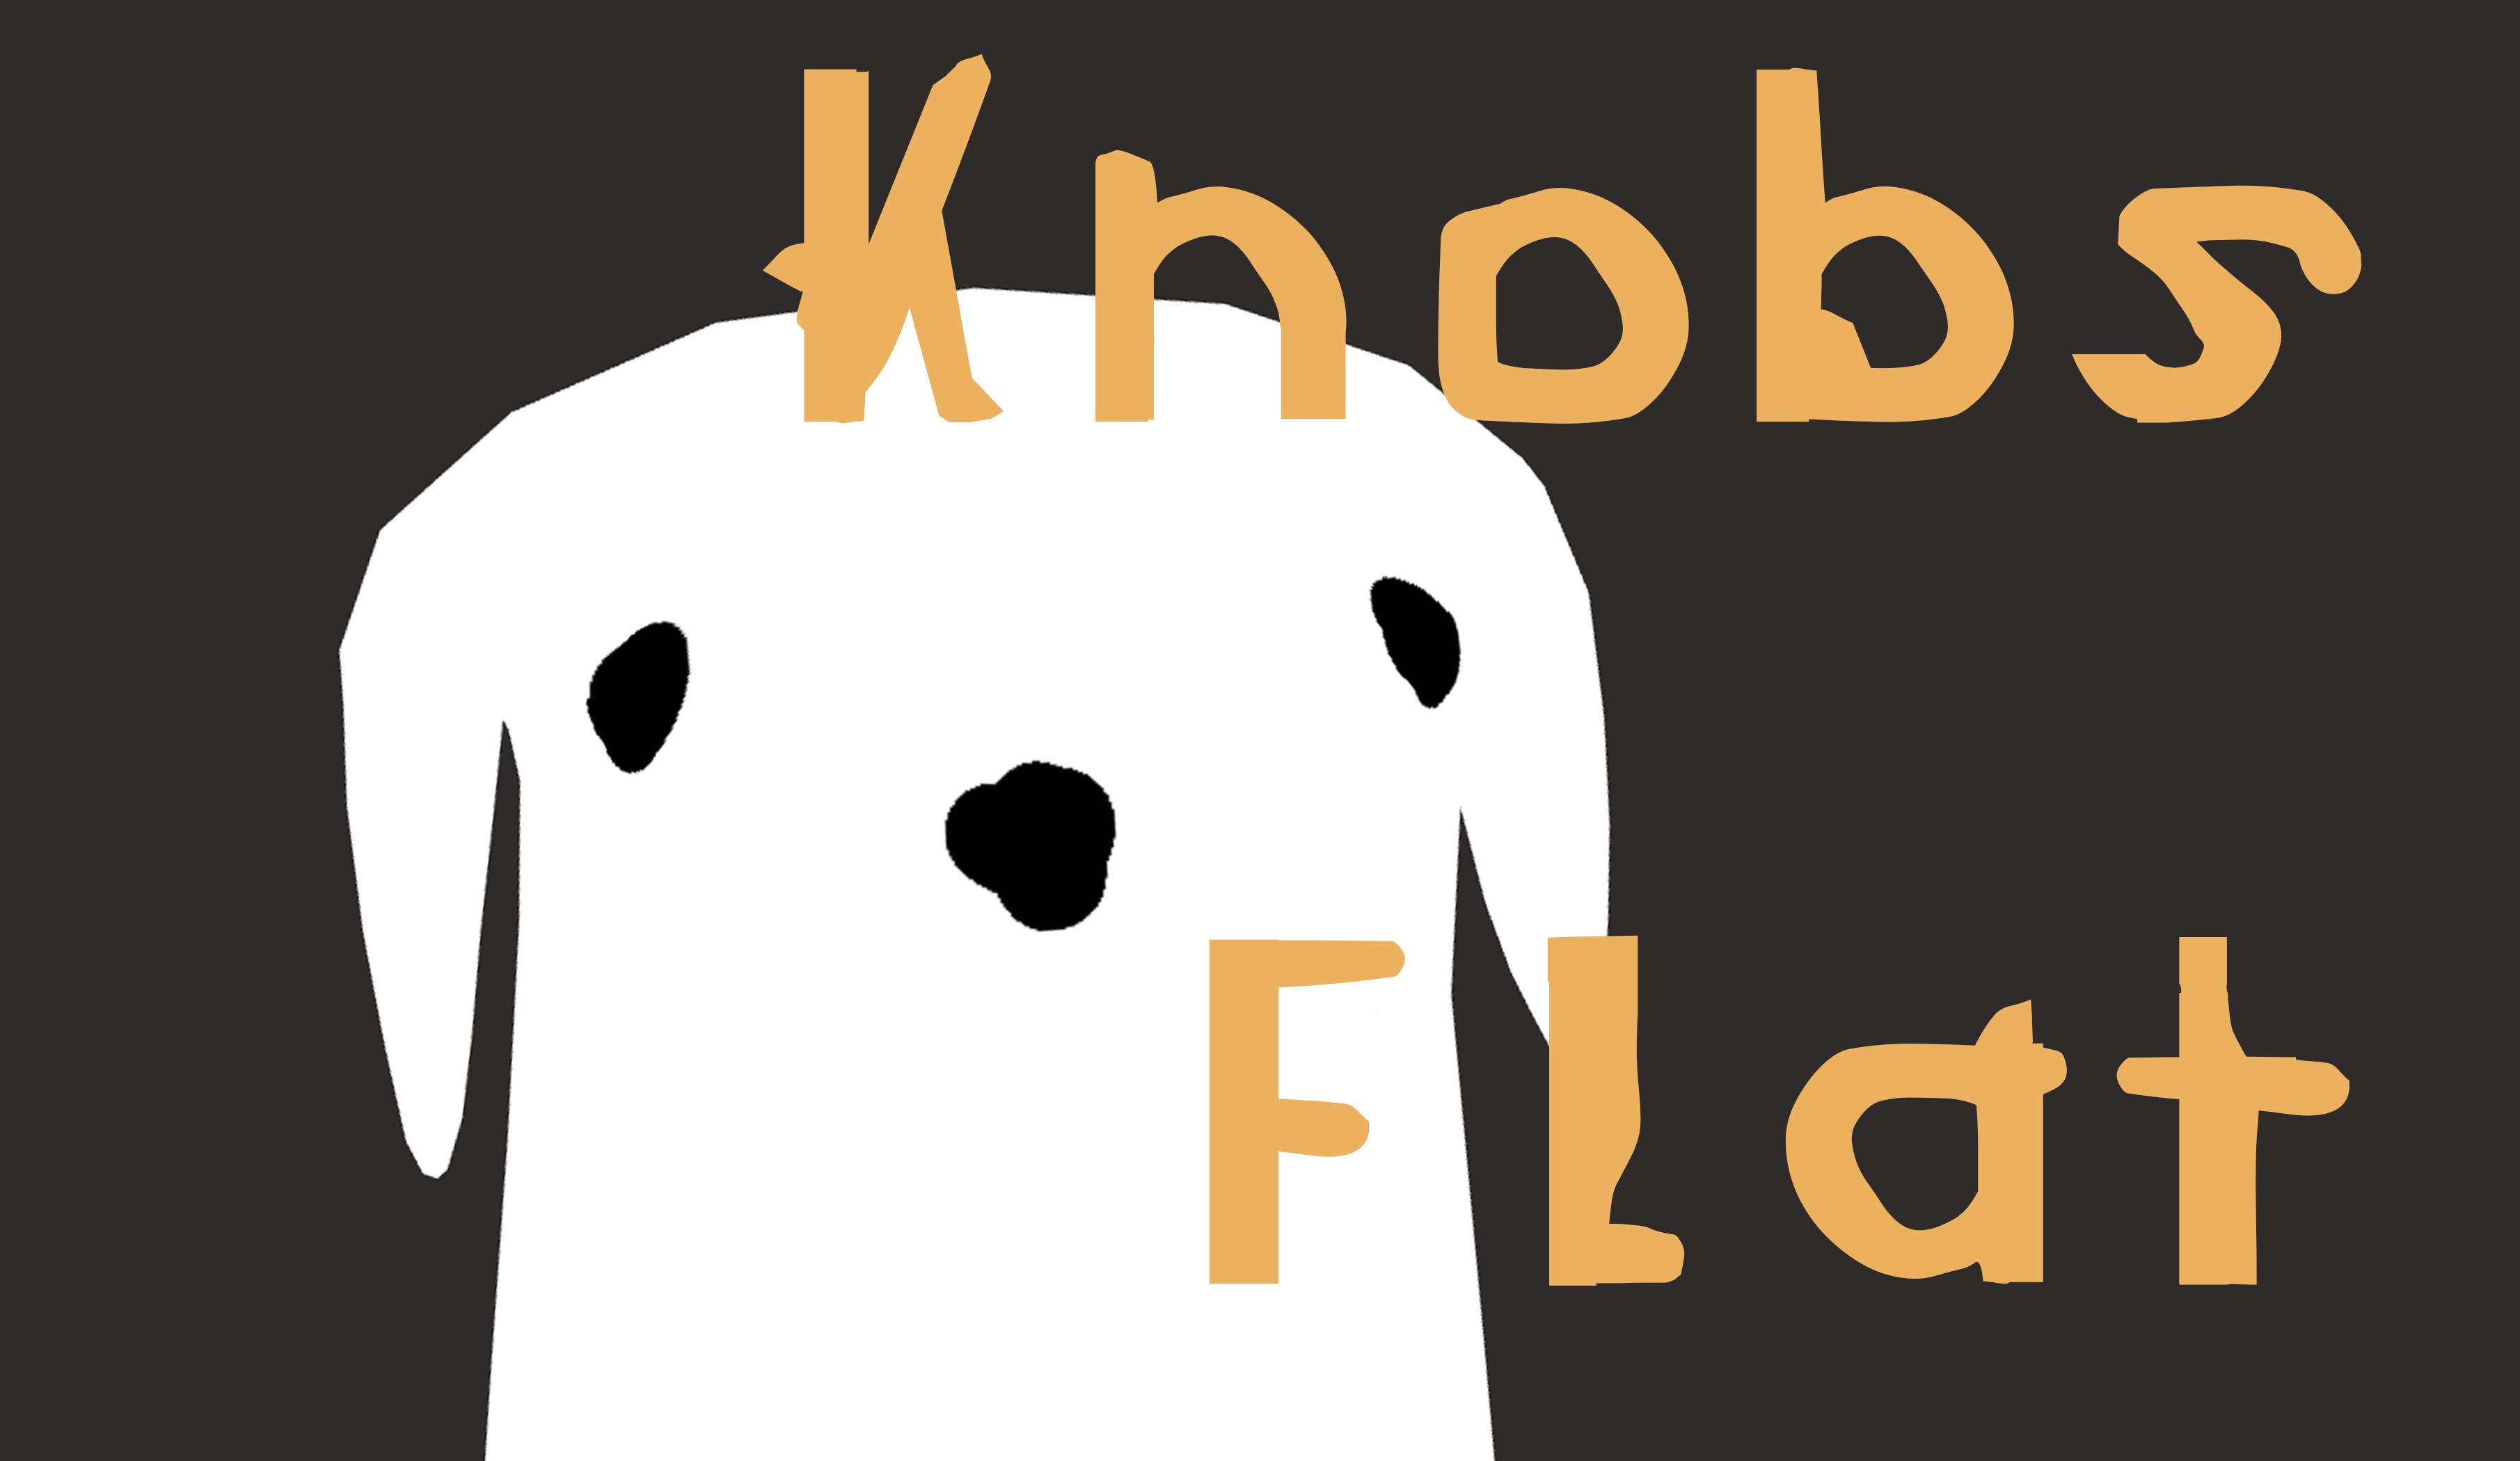 KnobsFlat_TobiasZarges